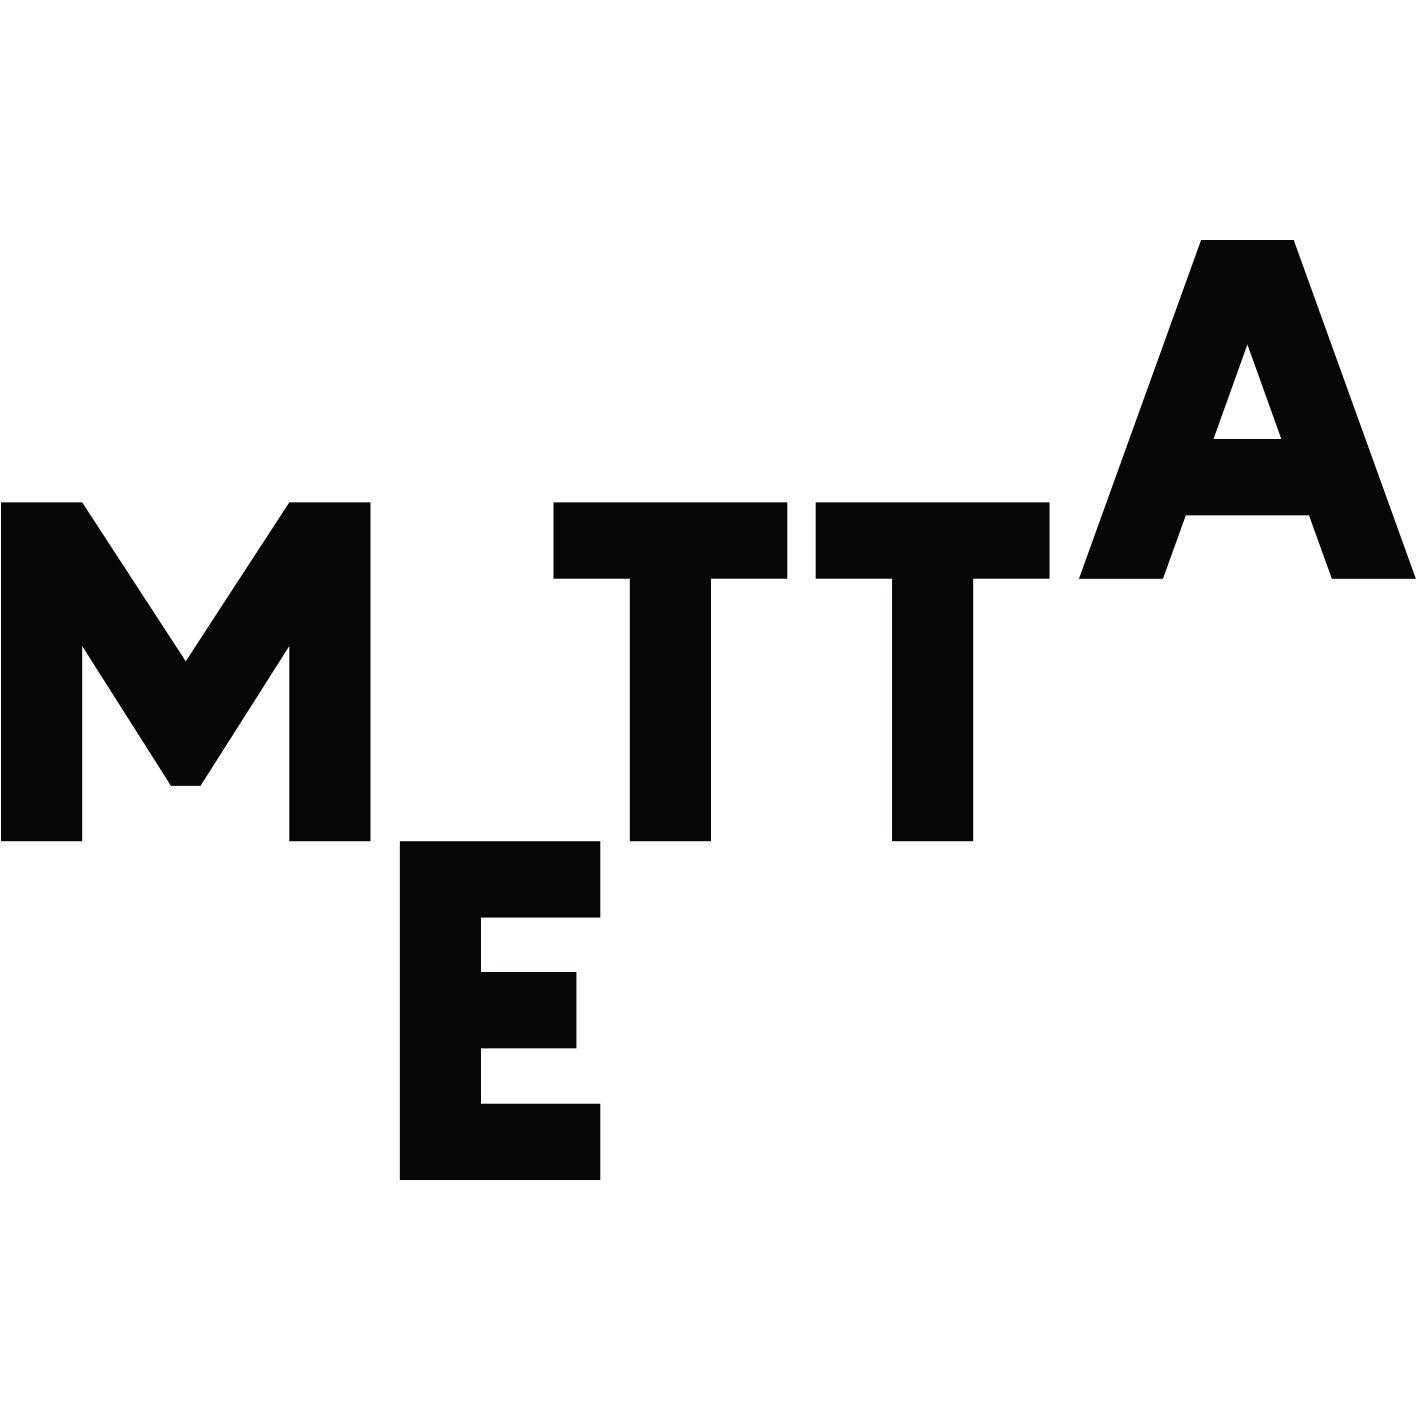 METTA THEATRE LTD